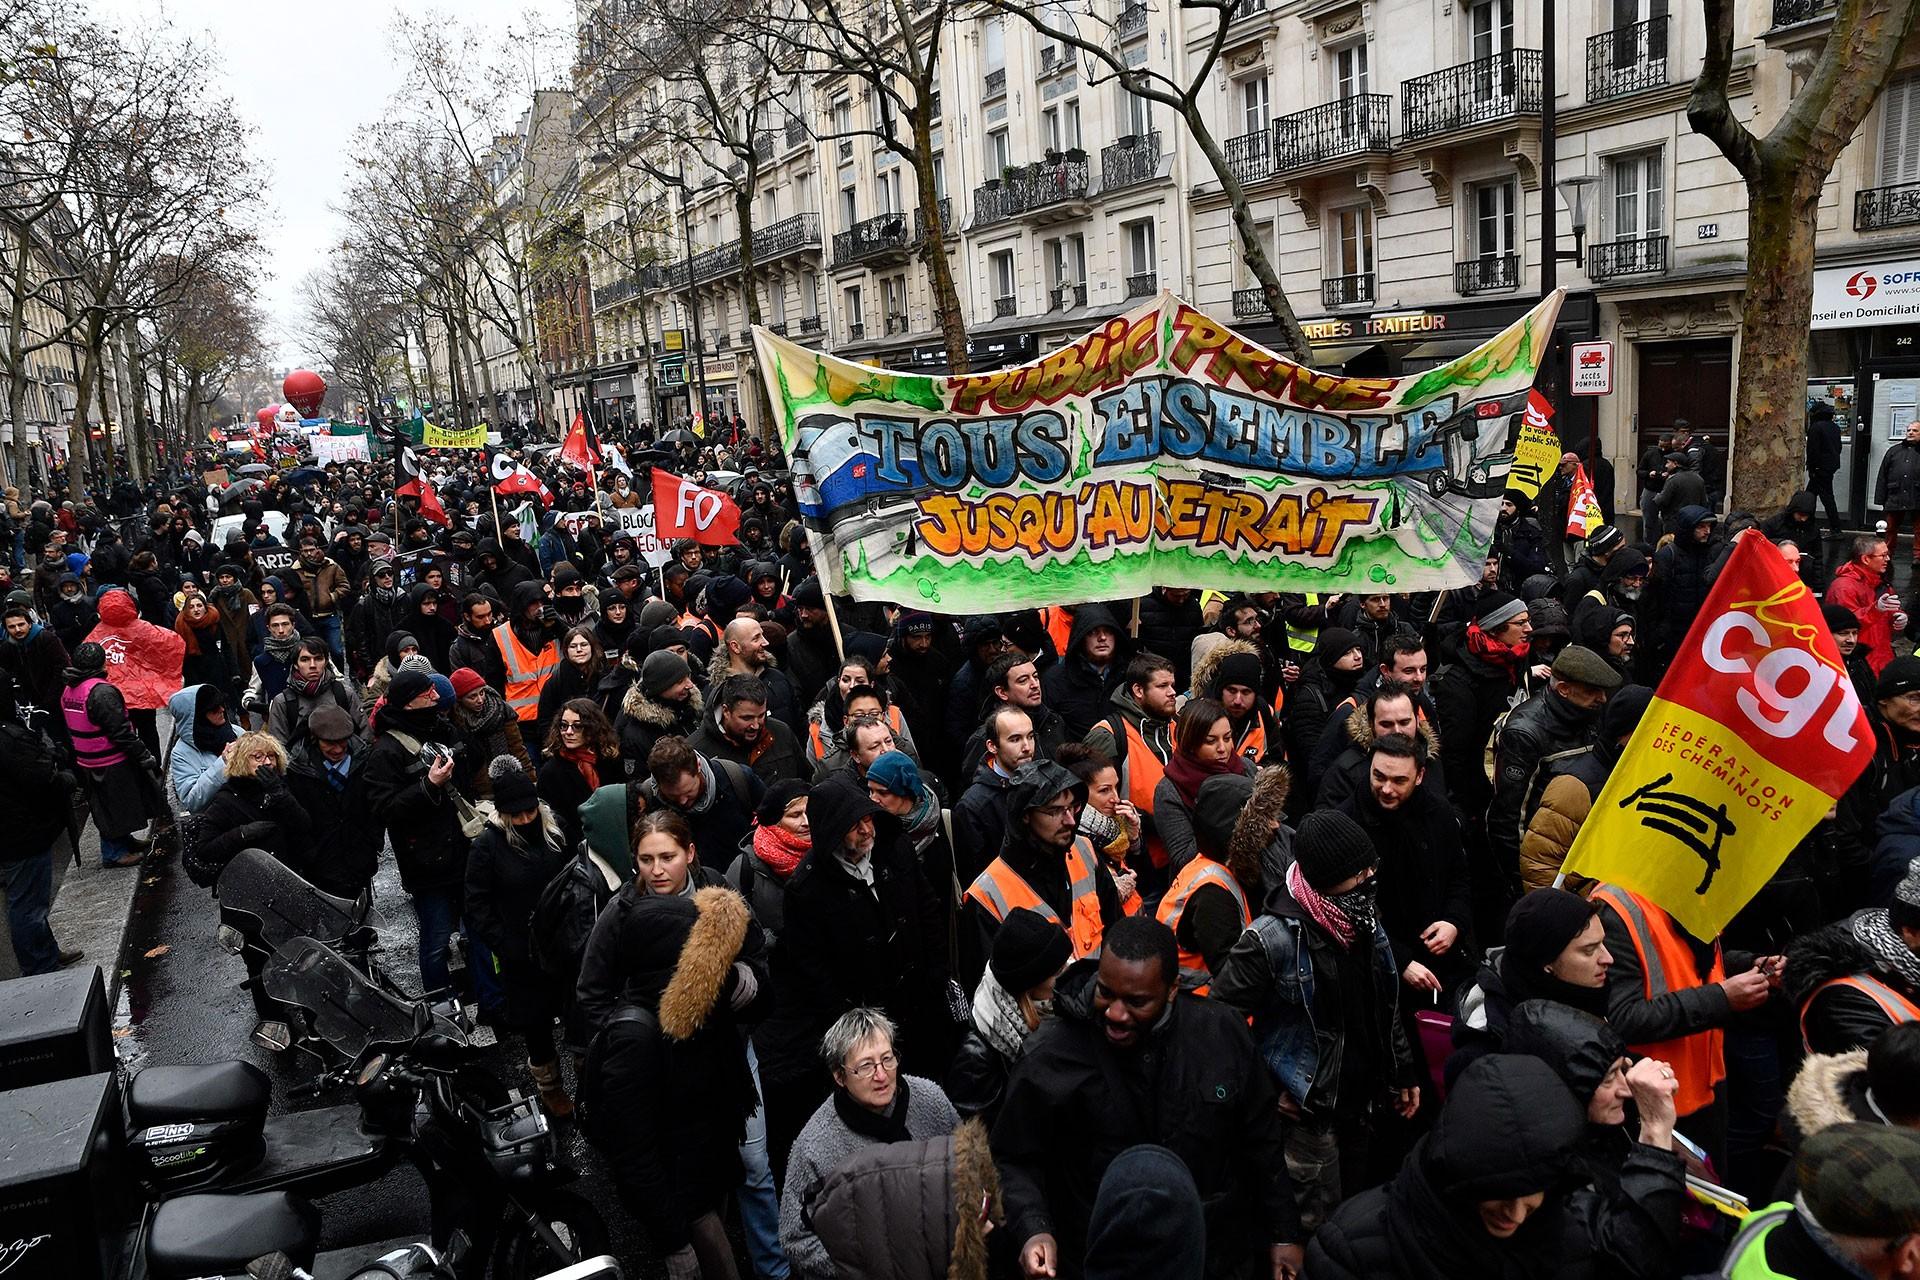 Paris'te halk emeklilik reformuna karşı sokağa çıktı